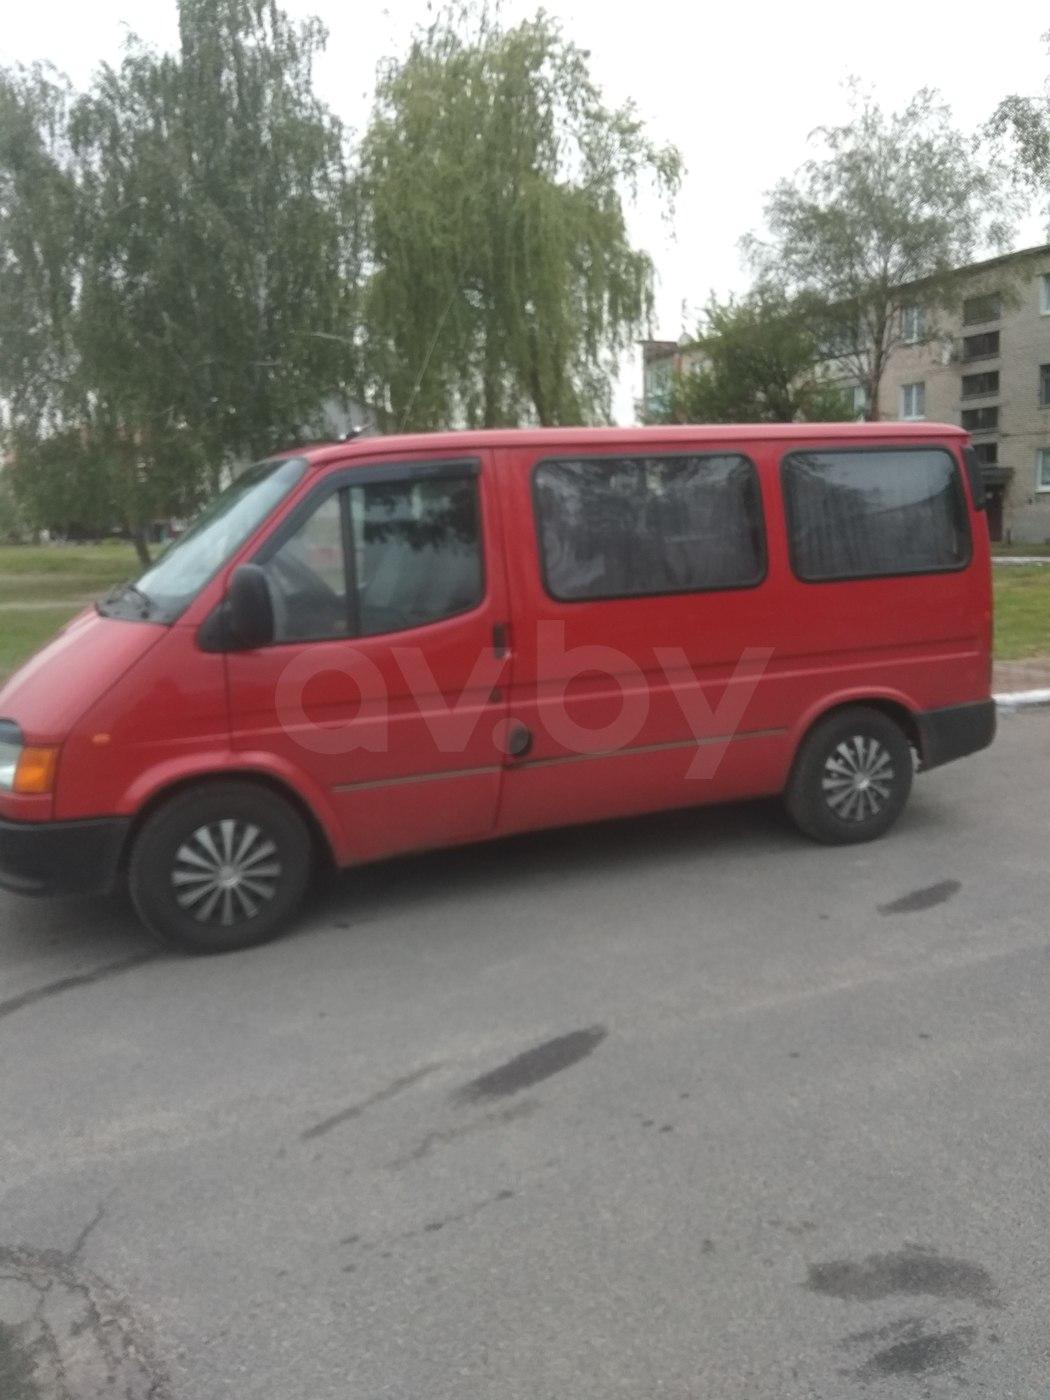 Ford Transit легковой вагон, 1999 г.